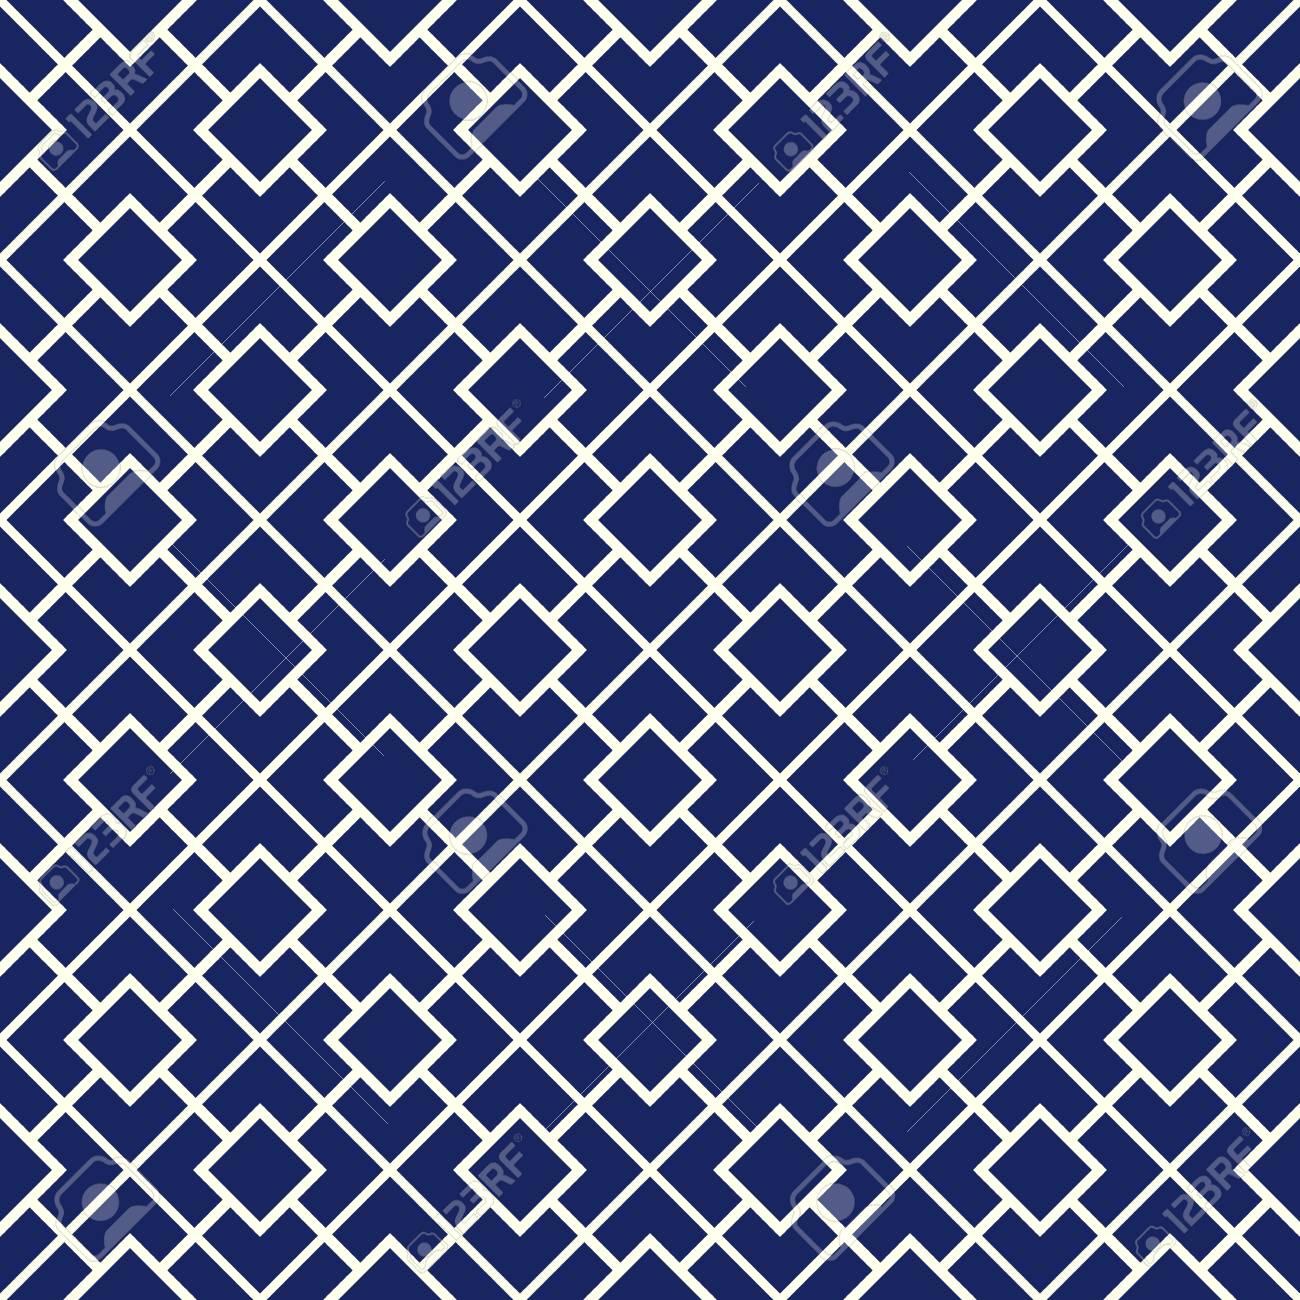 seamless avec ornement géométrique symétrique. couleur bleu marine